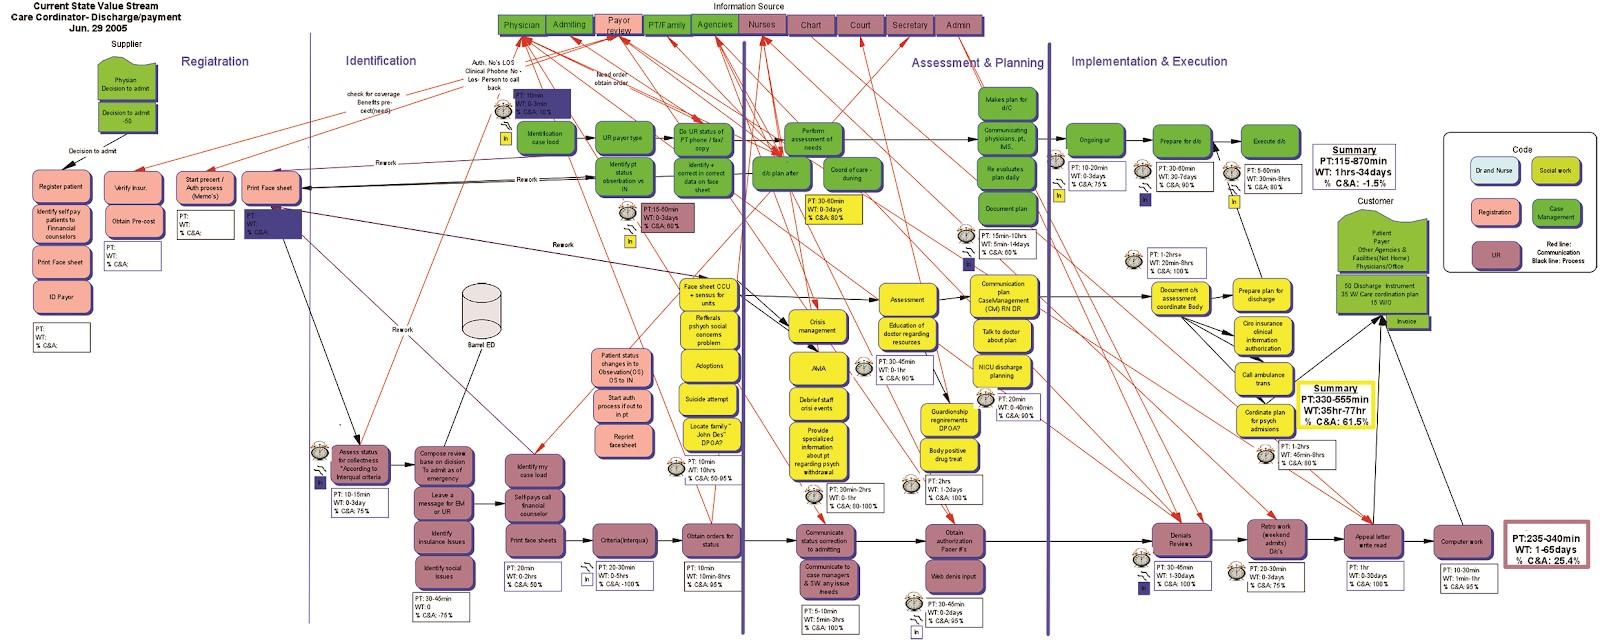 Figura 1B – Mapeamento do fluxo de valor com seus loops e interfaces.      Fonte: Treinamento sobre Mapeamento do Fluxo de Valor promovido pelo Lean Institute Brasil